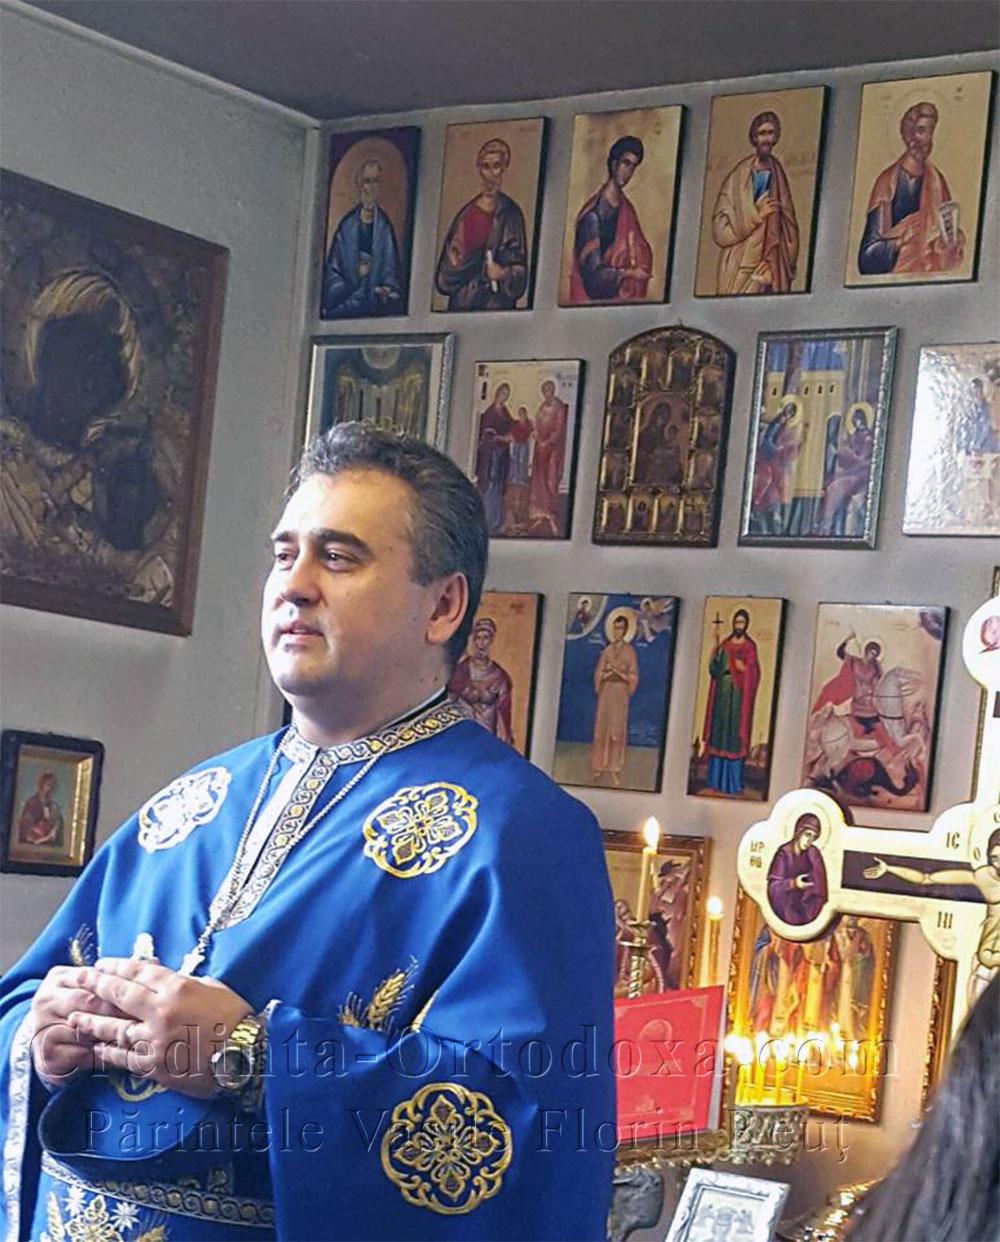 Părintele Vasile Florin Reuţ a avut parte de o surpriză deosebită din partea credincioşilor